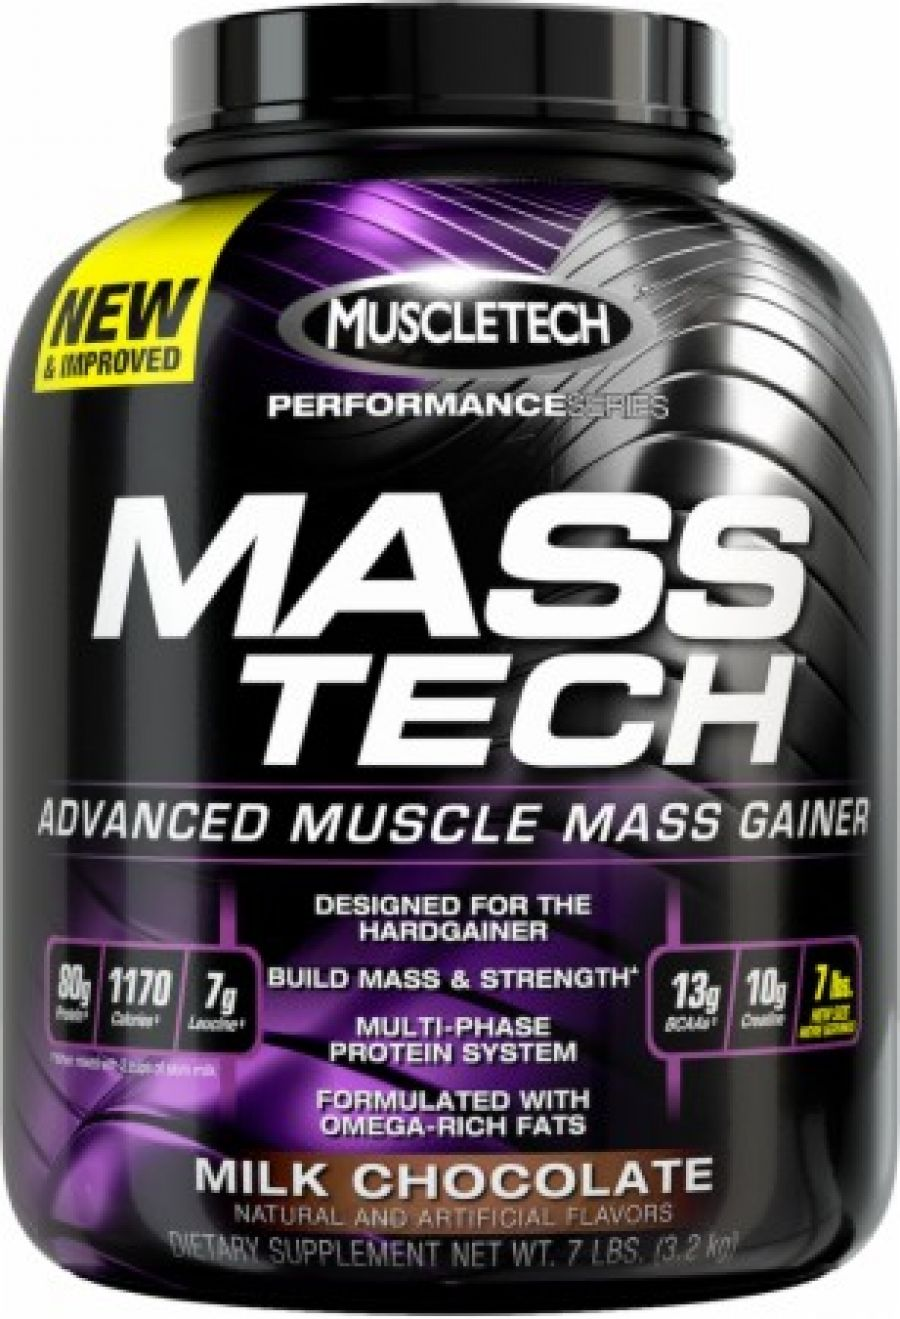 Muscletech Mass tech Performance 2.3kg £49.99 Muscle